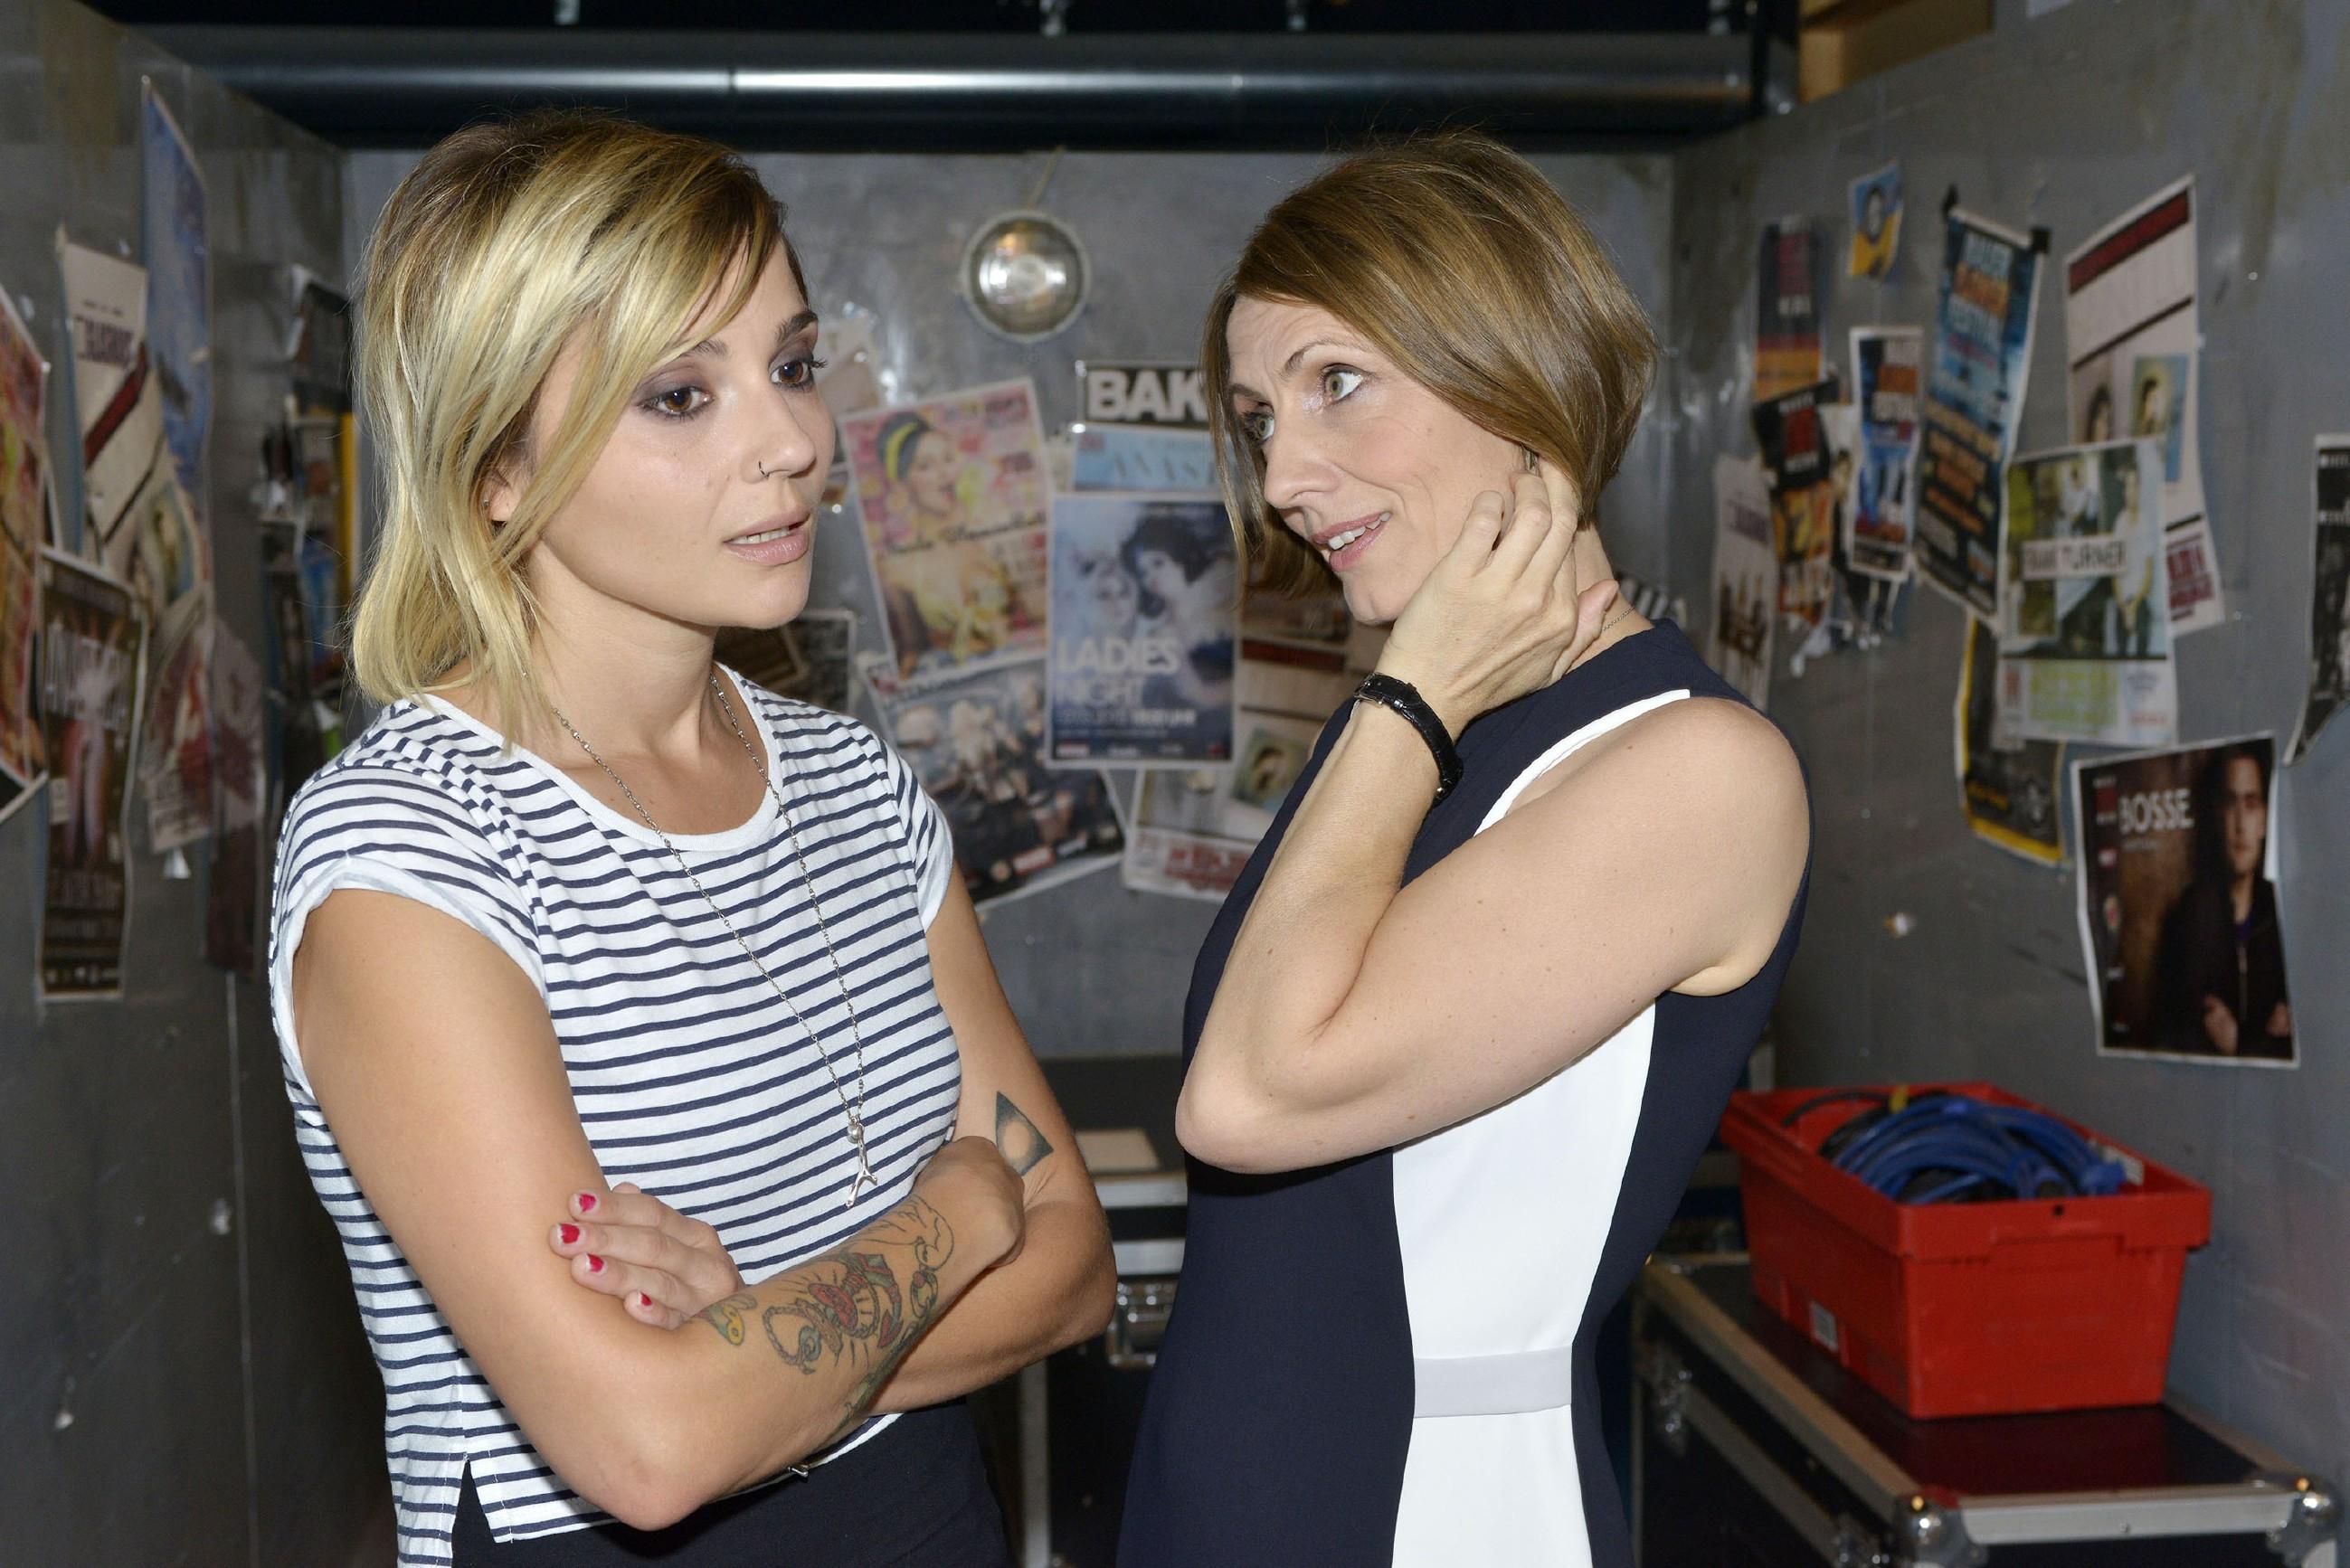 Als Anni (Linda Marlen Runge, l.) Rosa (Joana Schümer) etwas zu emotional ihr Doppelleben vorhält, sorgt sie unbewusst dafür, dass sich Rosas Blick auf Anni ändert... (Quelle: RTL / Rolf Baumgartner)